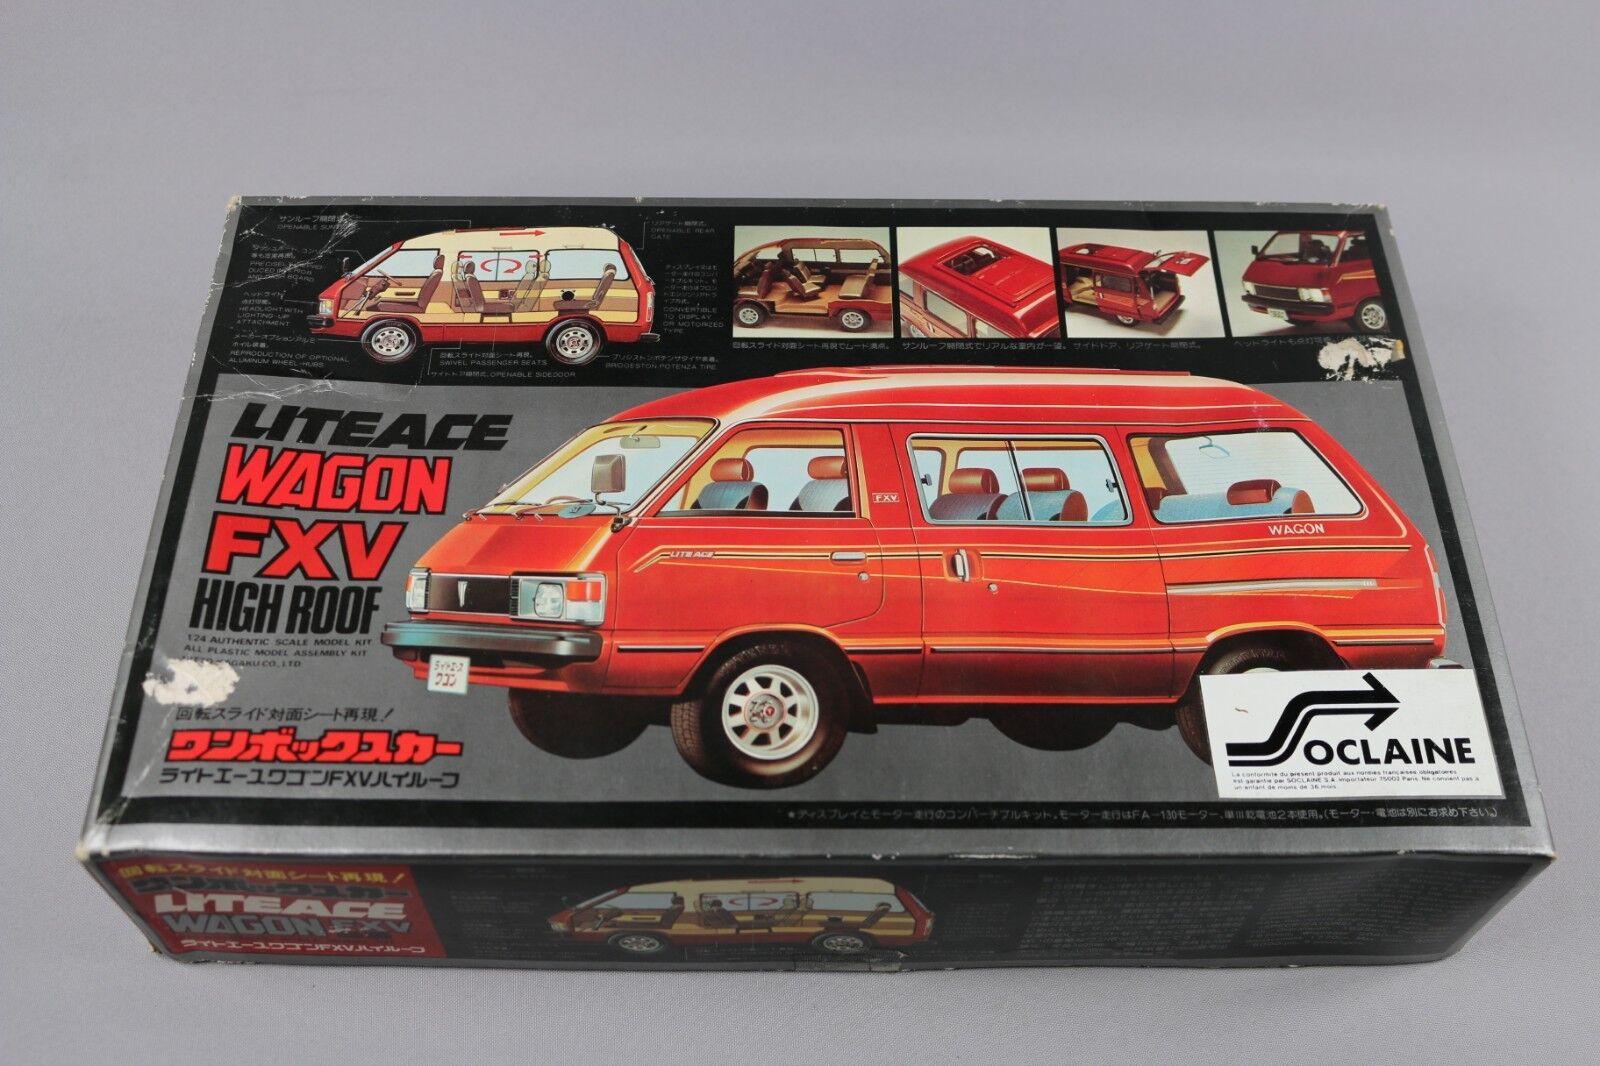 Tienda de moda y compras online. Zf1301 Nitto 1 24 Maqueta Coche 817-1000 Liteace Wagon Fxv Fxv Fxv High Roof  compra limitada